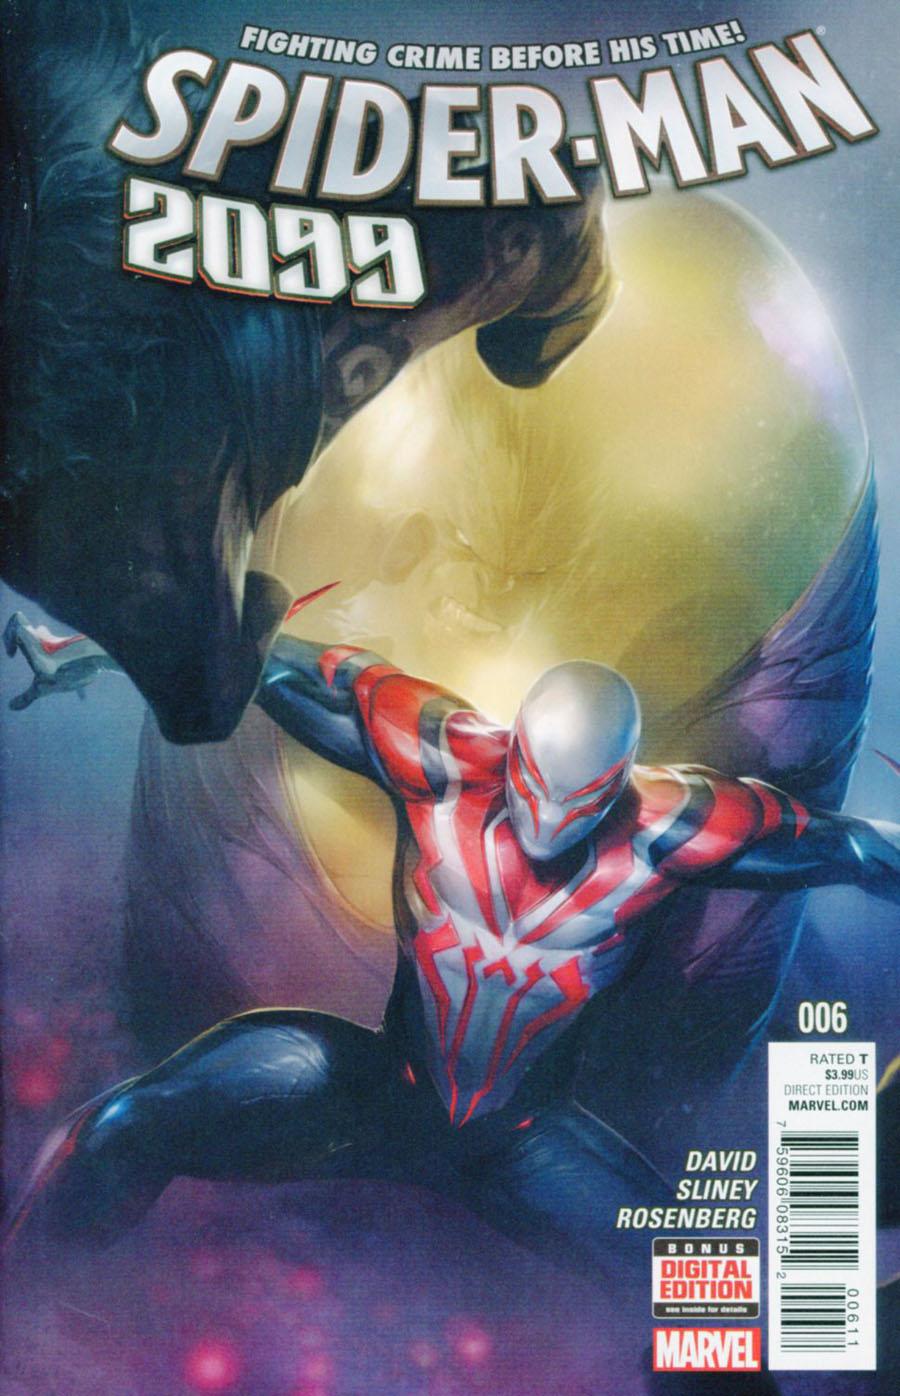 Spider-Man 2099 Vol 3 #6